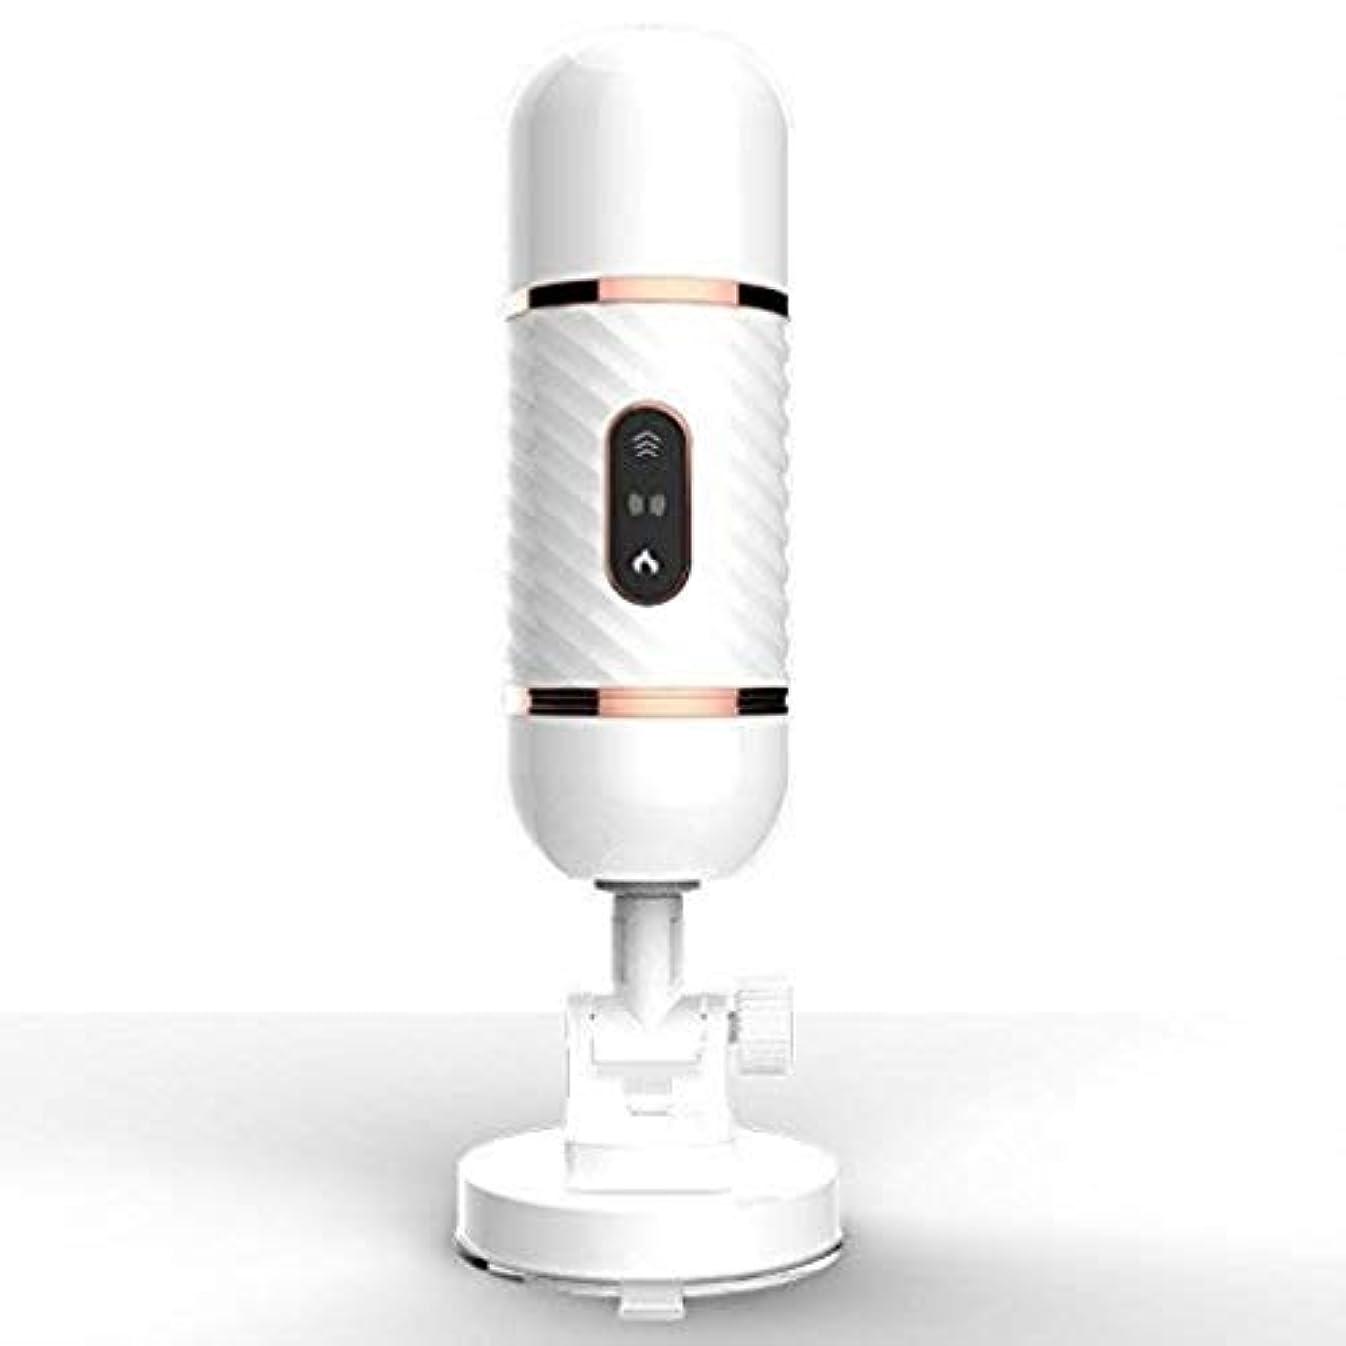 女性と男性の恋人のためのビッグ突き愛機でシミュレーション自動インテリジェント暖房ラブマシンガン